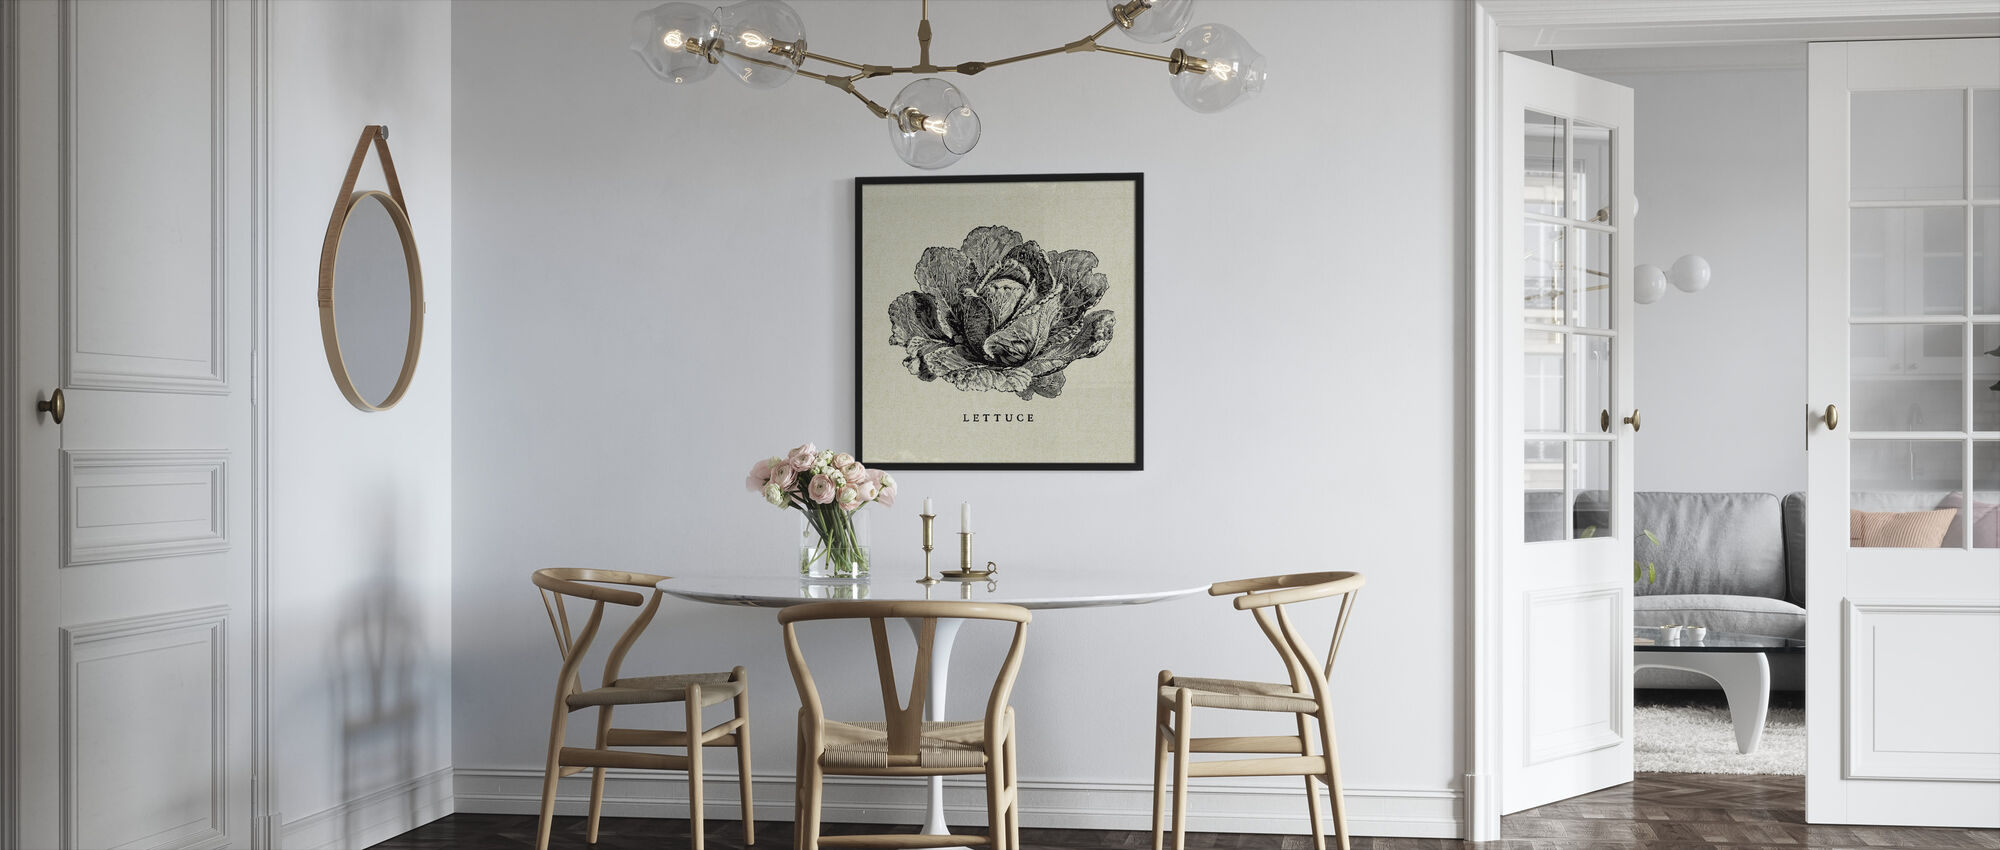 Kjøkken Illustrasjon - Salat - Innrammet bilde - Kjøkken